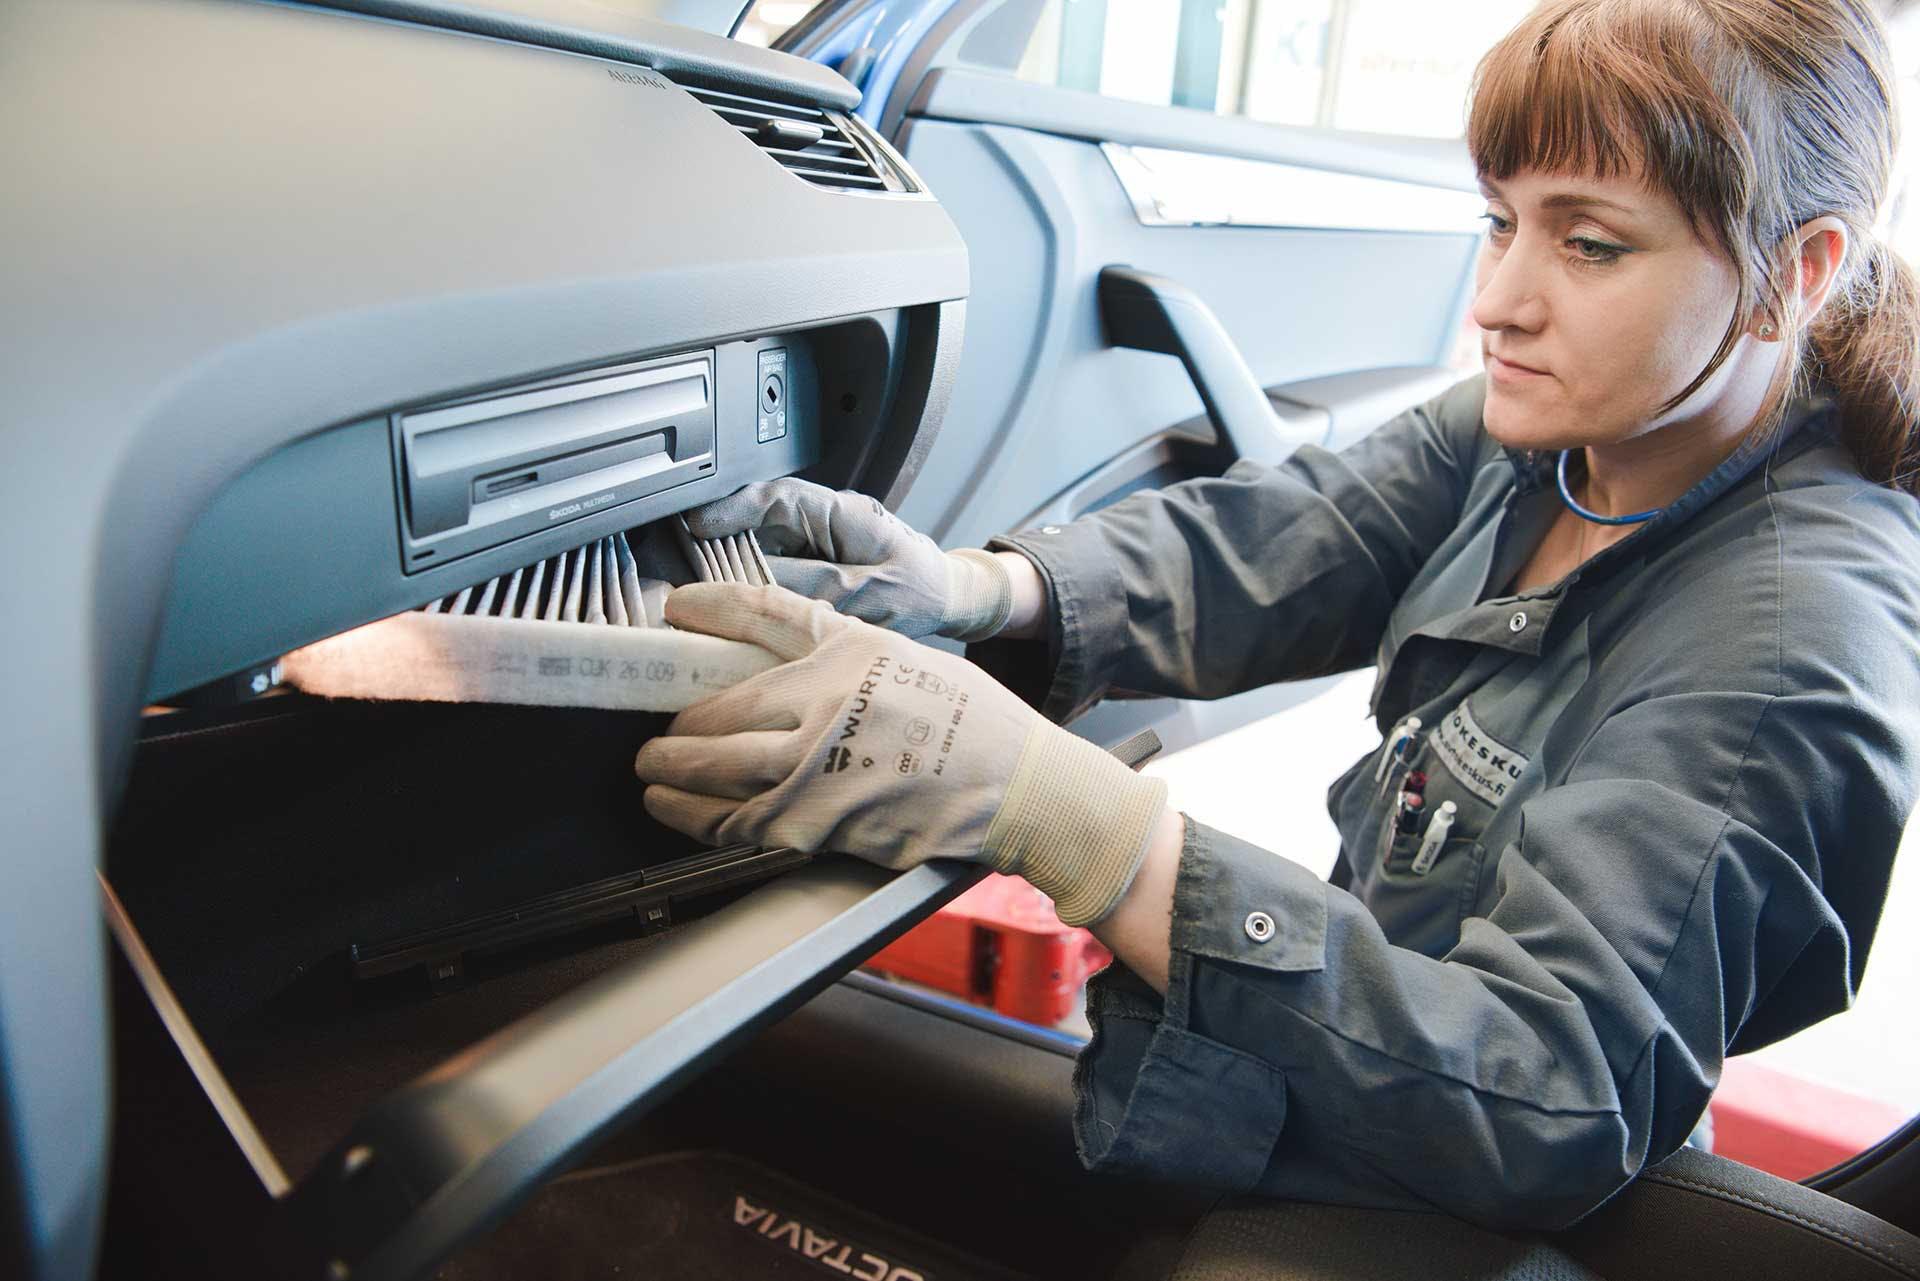 Automekaanikko Sara Strandling tarkistaa huoltoselosteessa mainitut työkohteet, vaihtaa suodattimet sekä lisää tarvittavat öljyt ja nesteet.